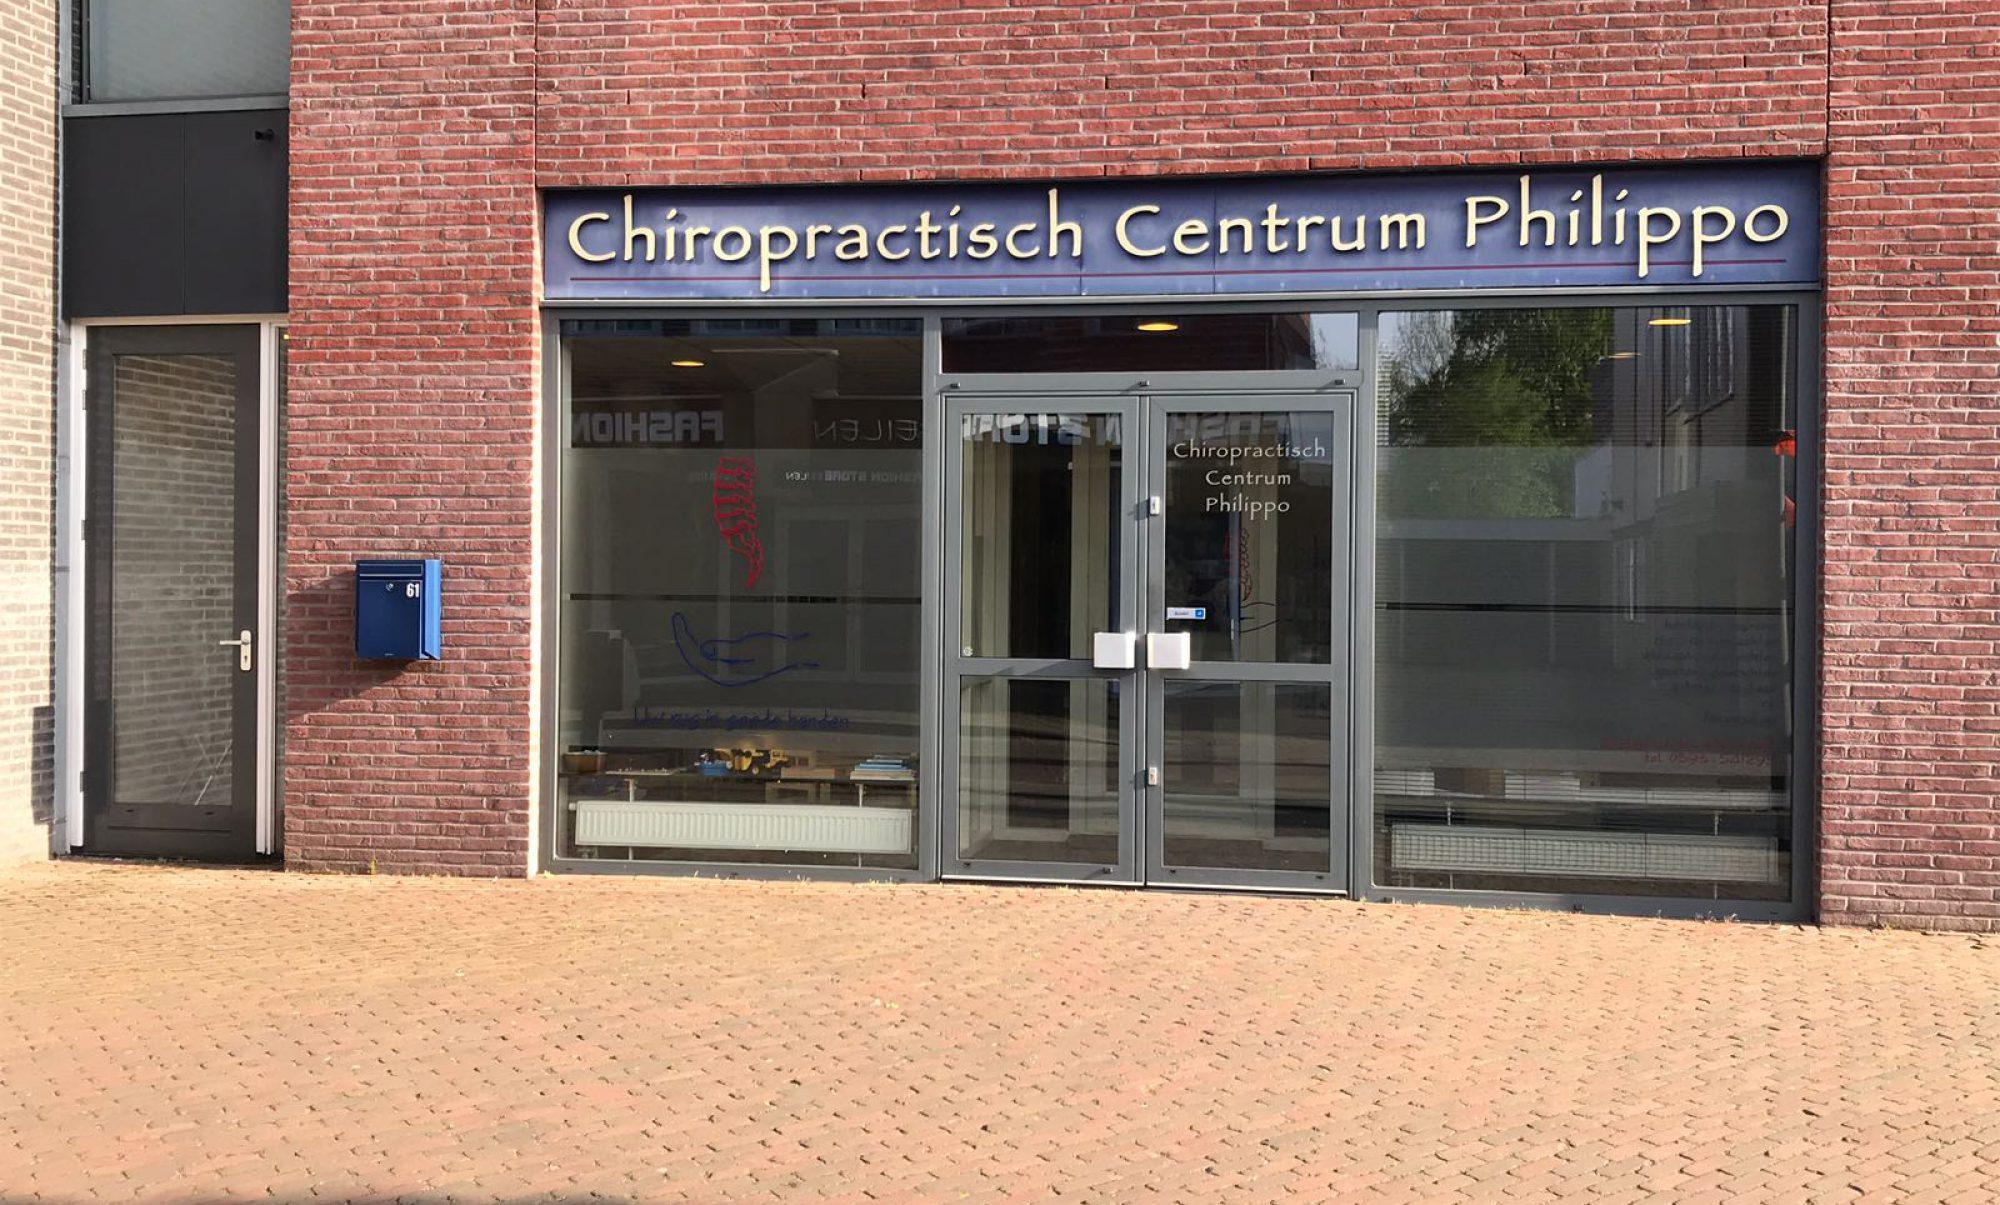 Chiropractisch Centrum Philippo